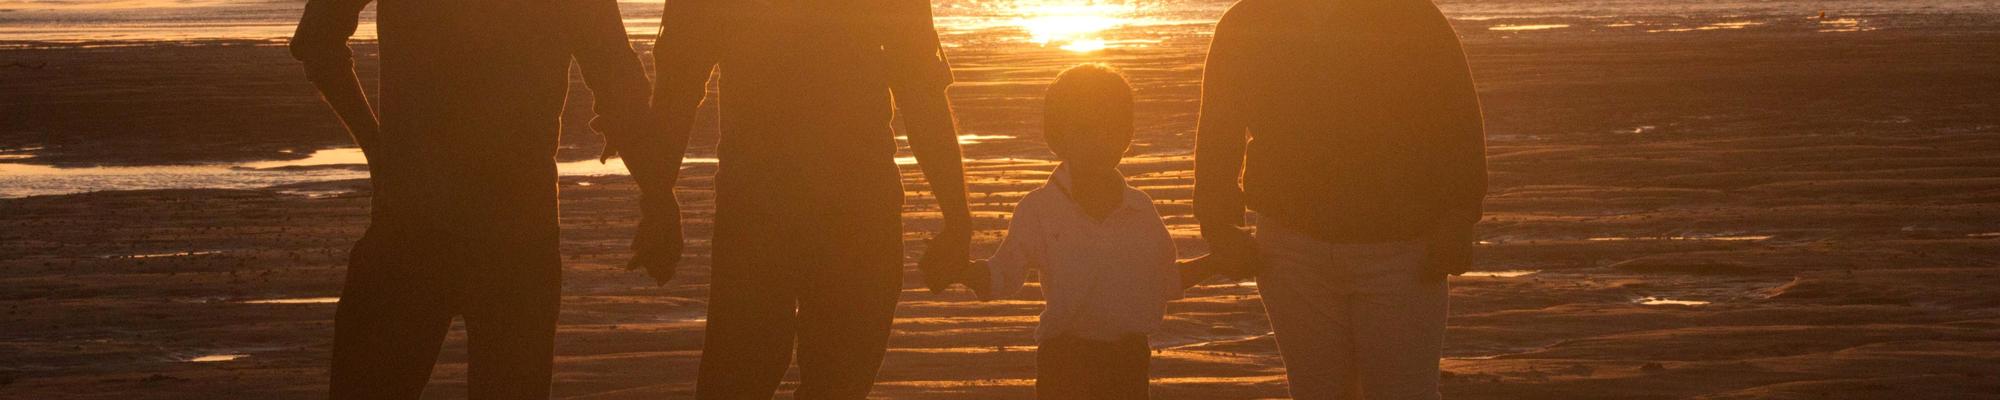 Humanos puesta de sol - MicroBioSpain